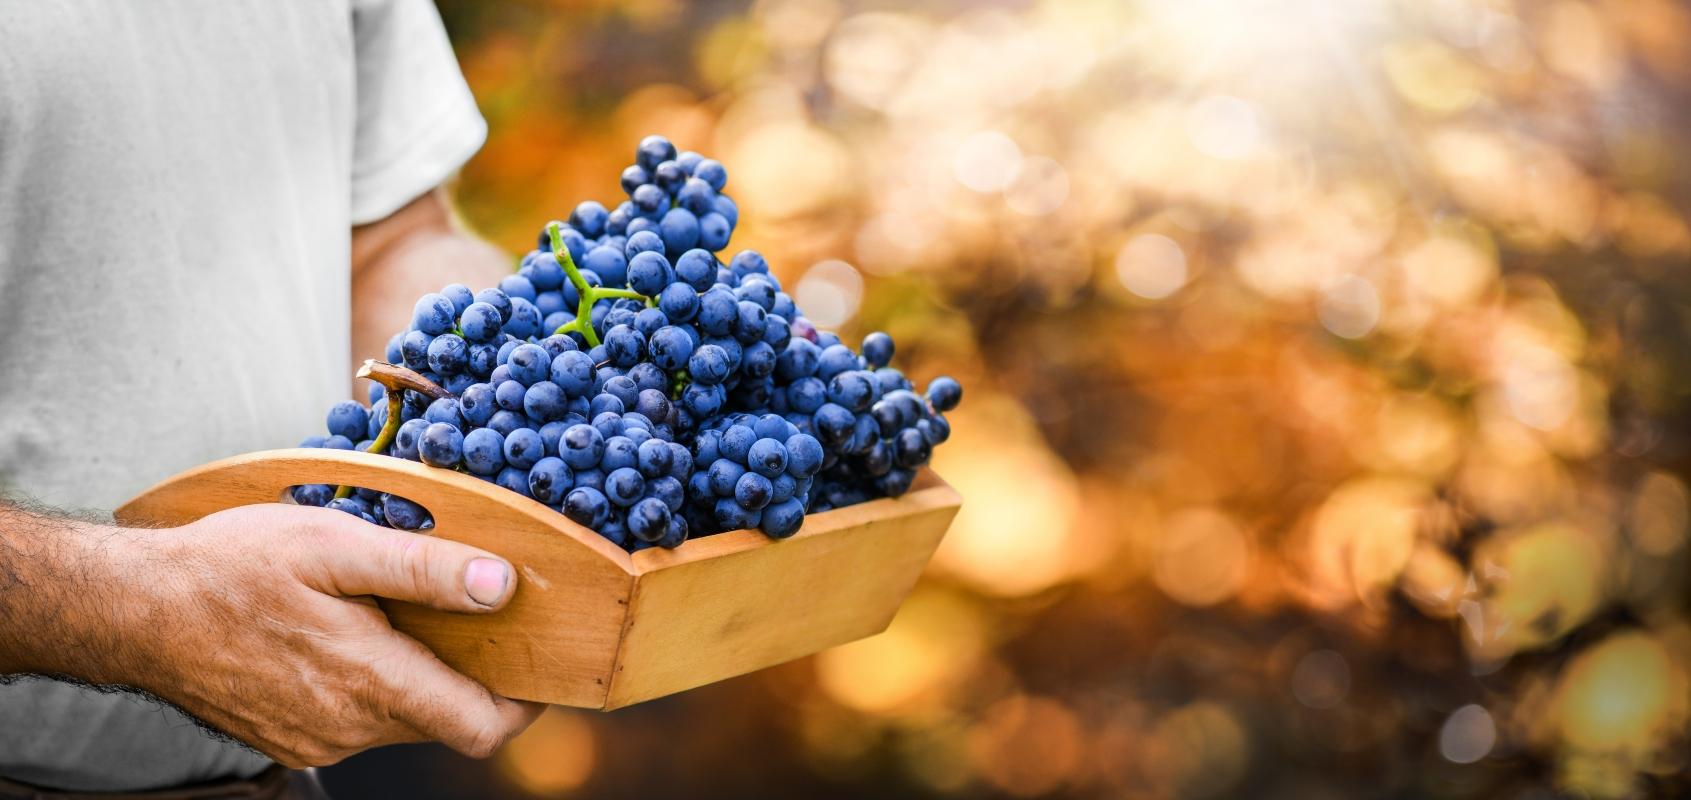 uvas: contraindicaciones